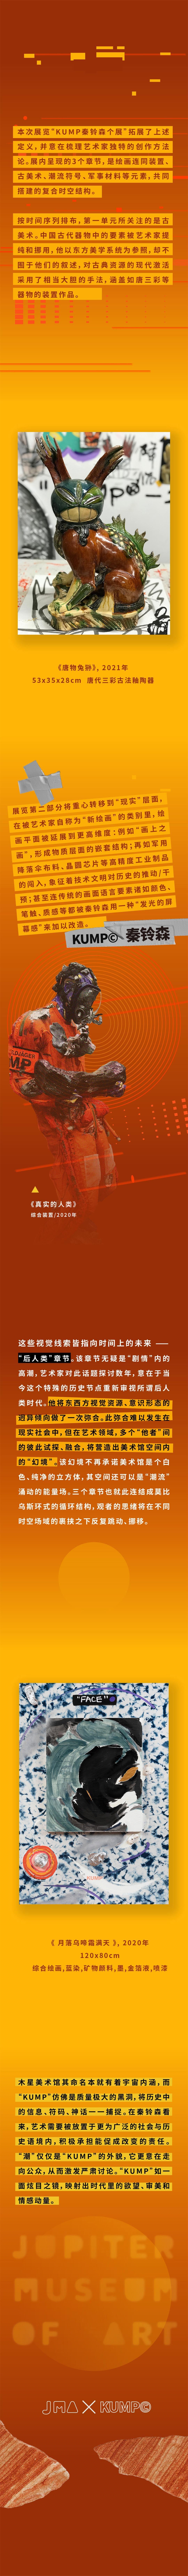 KUMP推文长图-z03.jpg